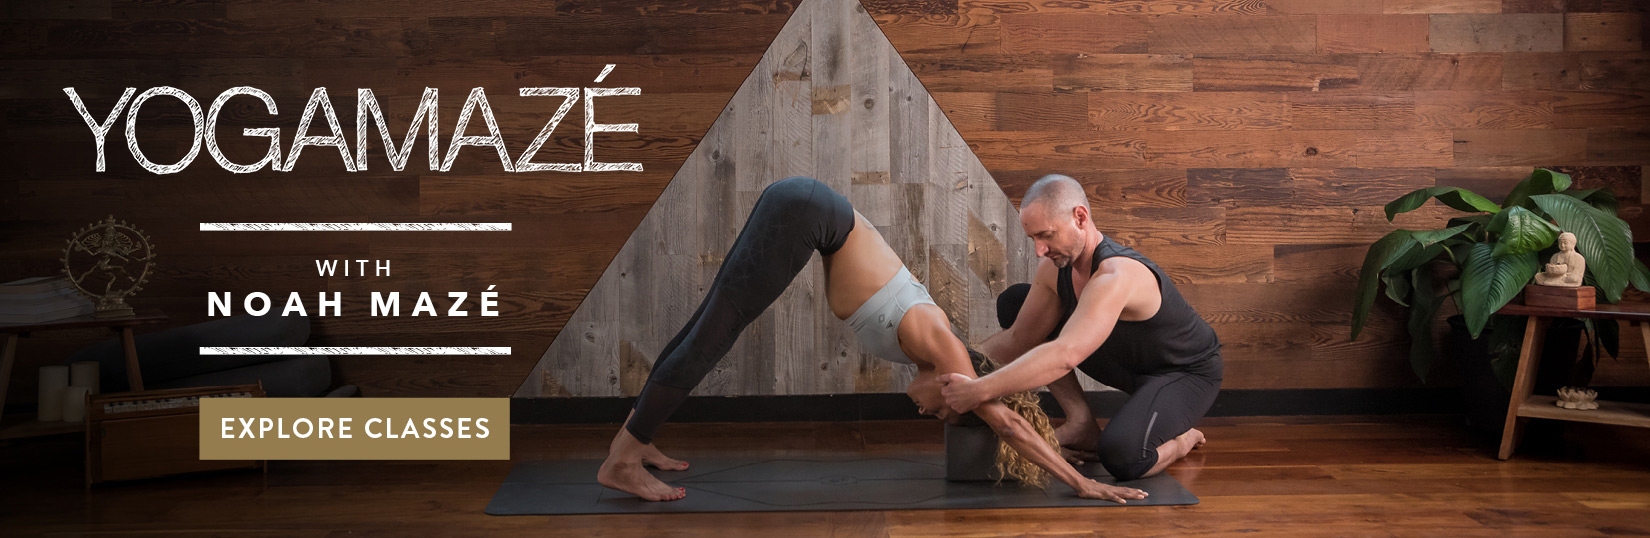 YOGAMAZÉ with Noah Mazé